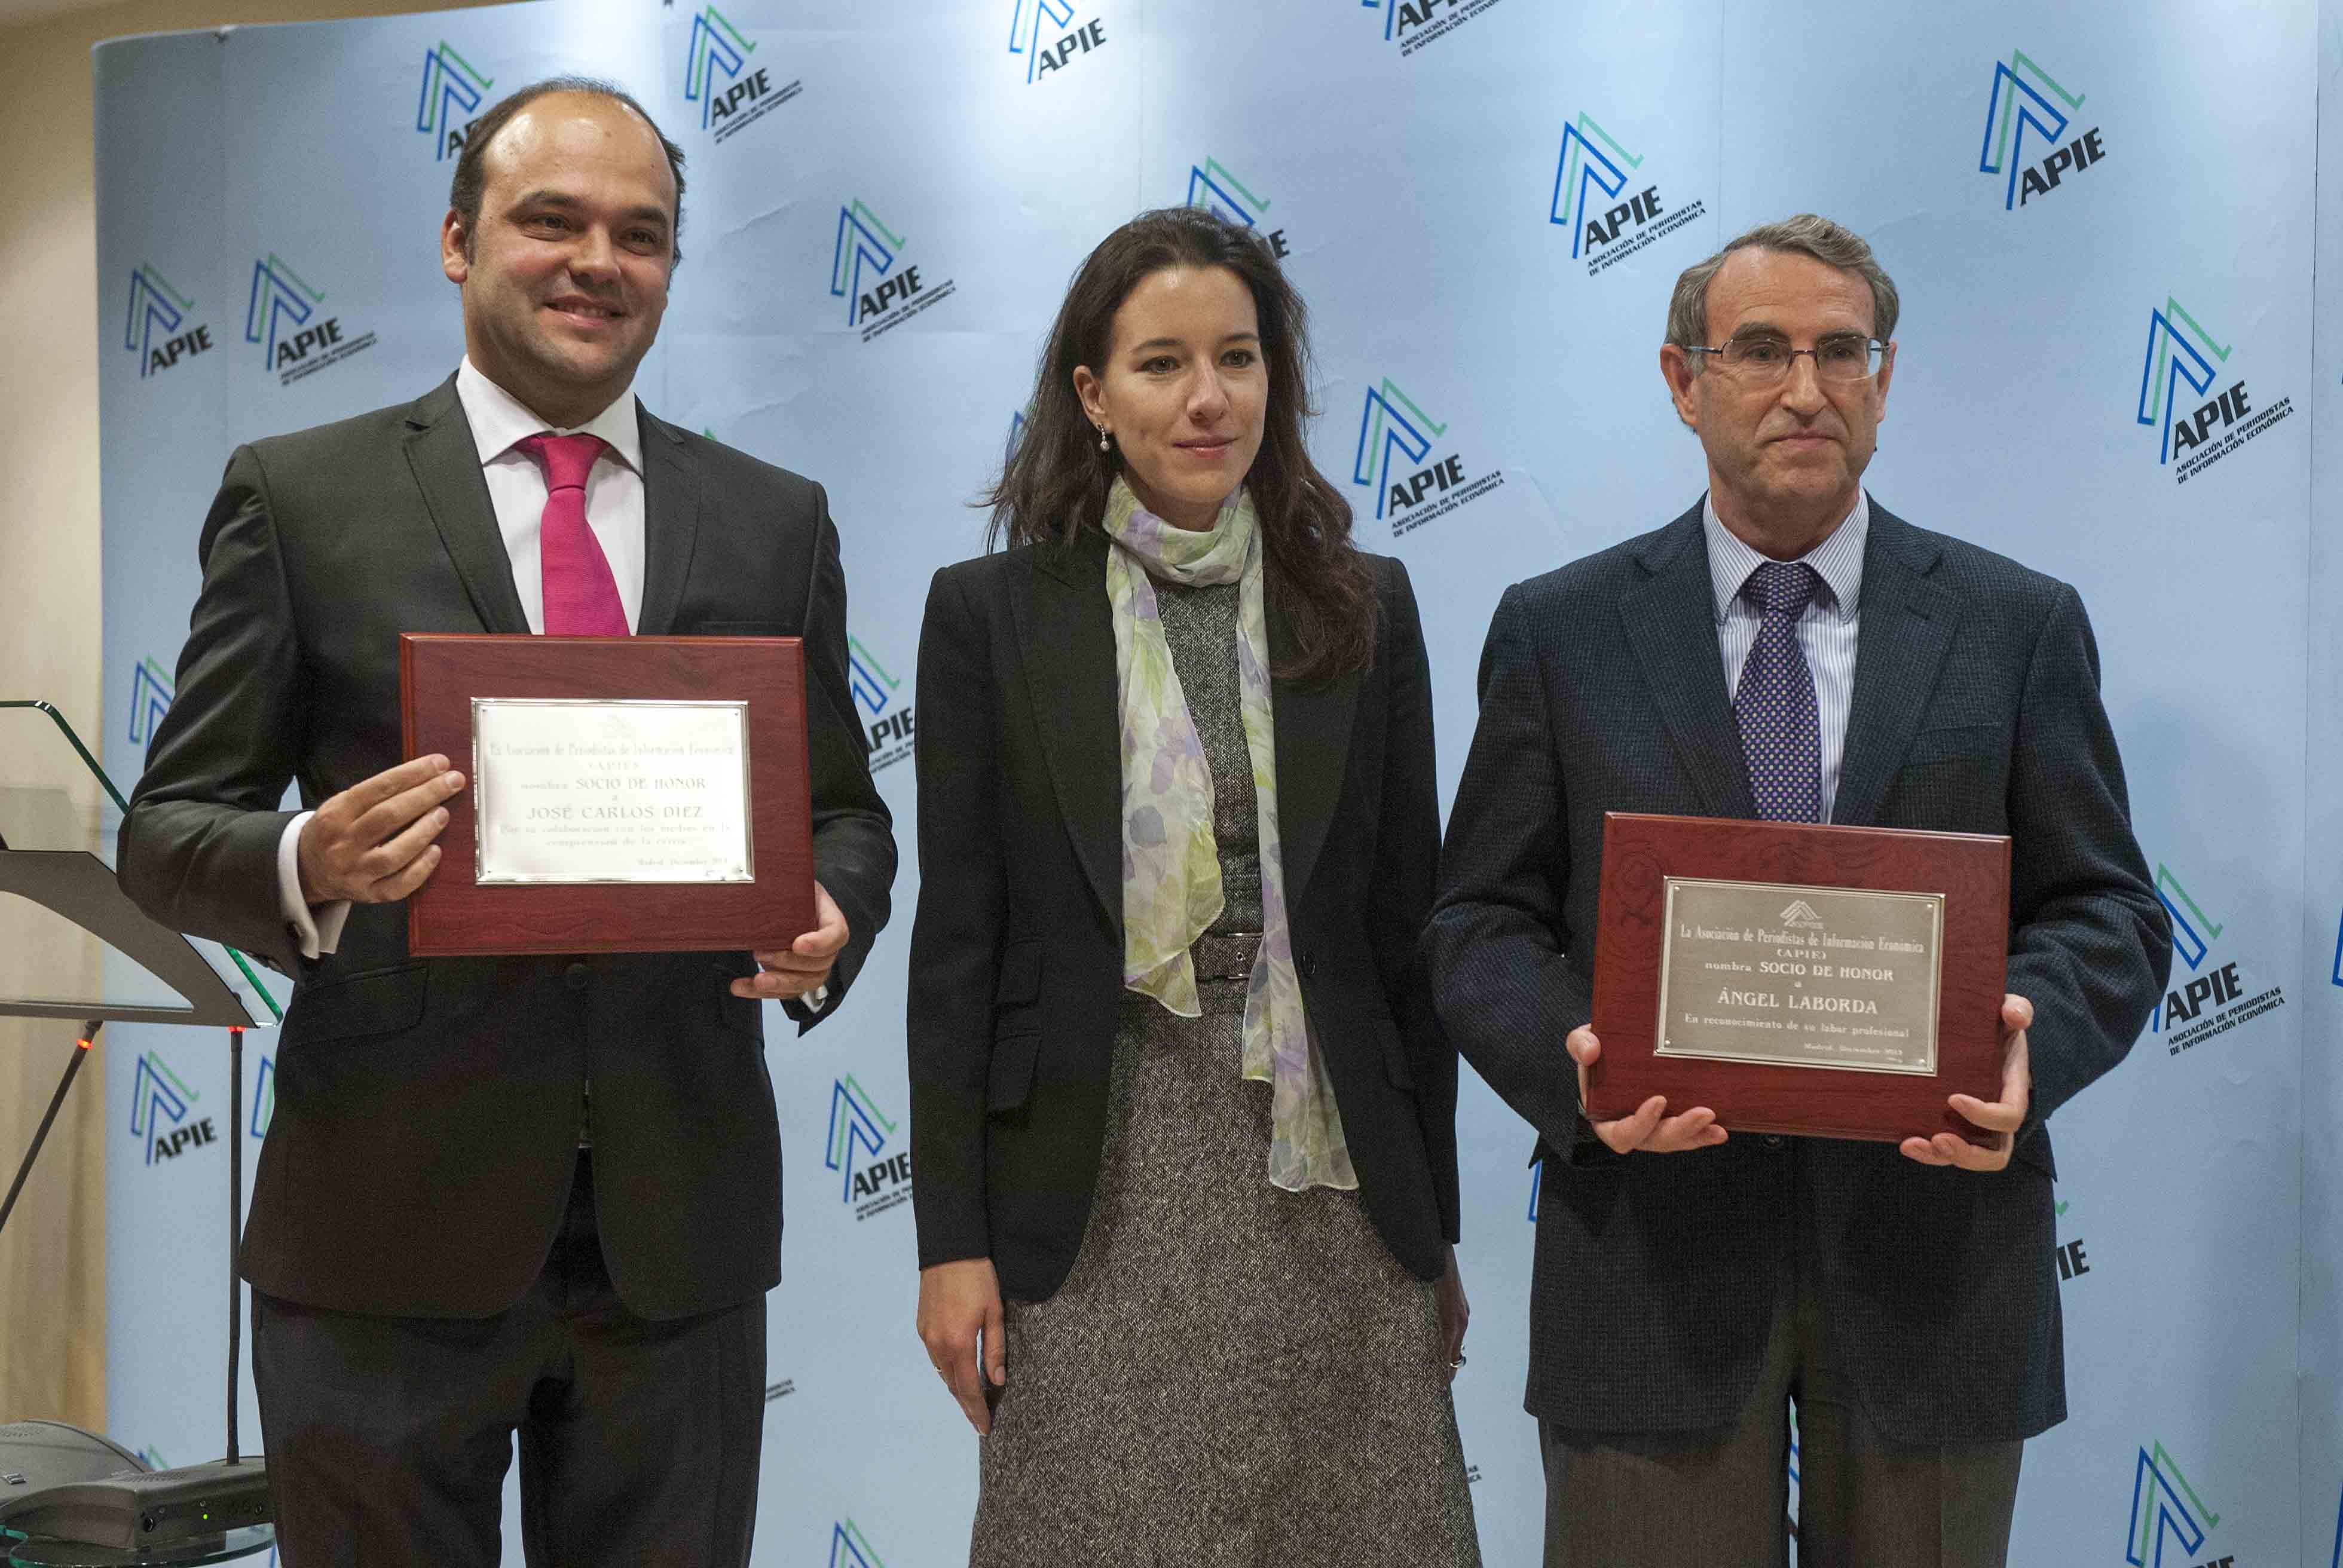 José Carlos Díez (izquierda) y Ángel Laborda, nuevo Socios de Honor de APIE, con Fiona Maharg-Bravo, de la Junta Directiva.